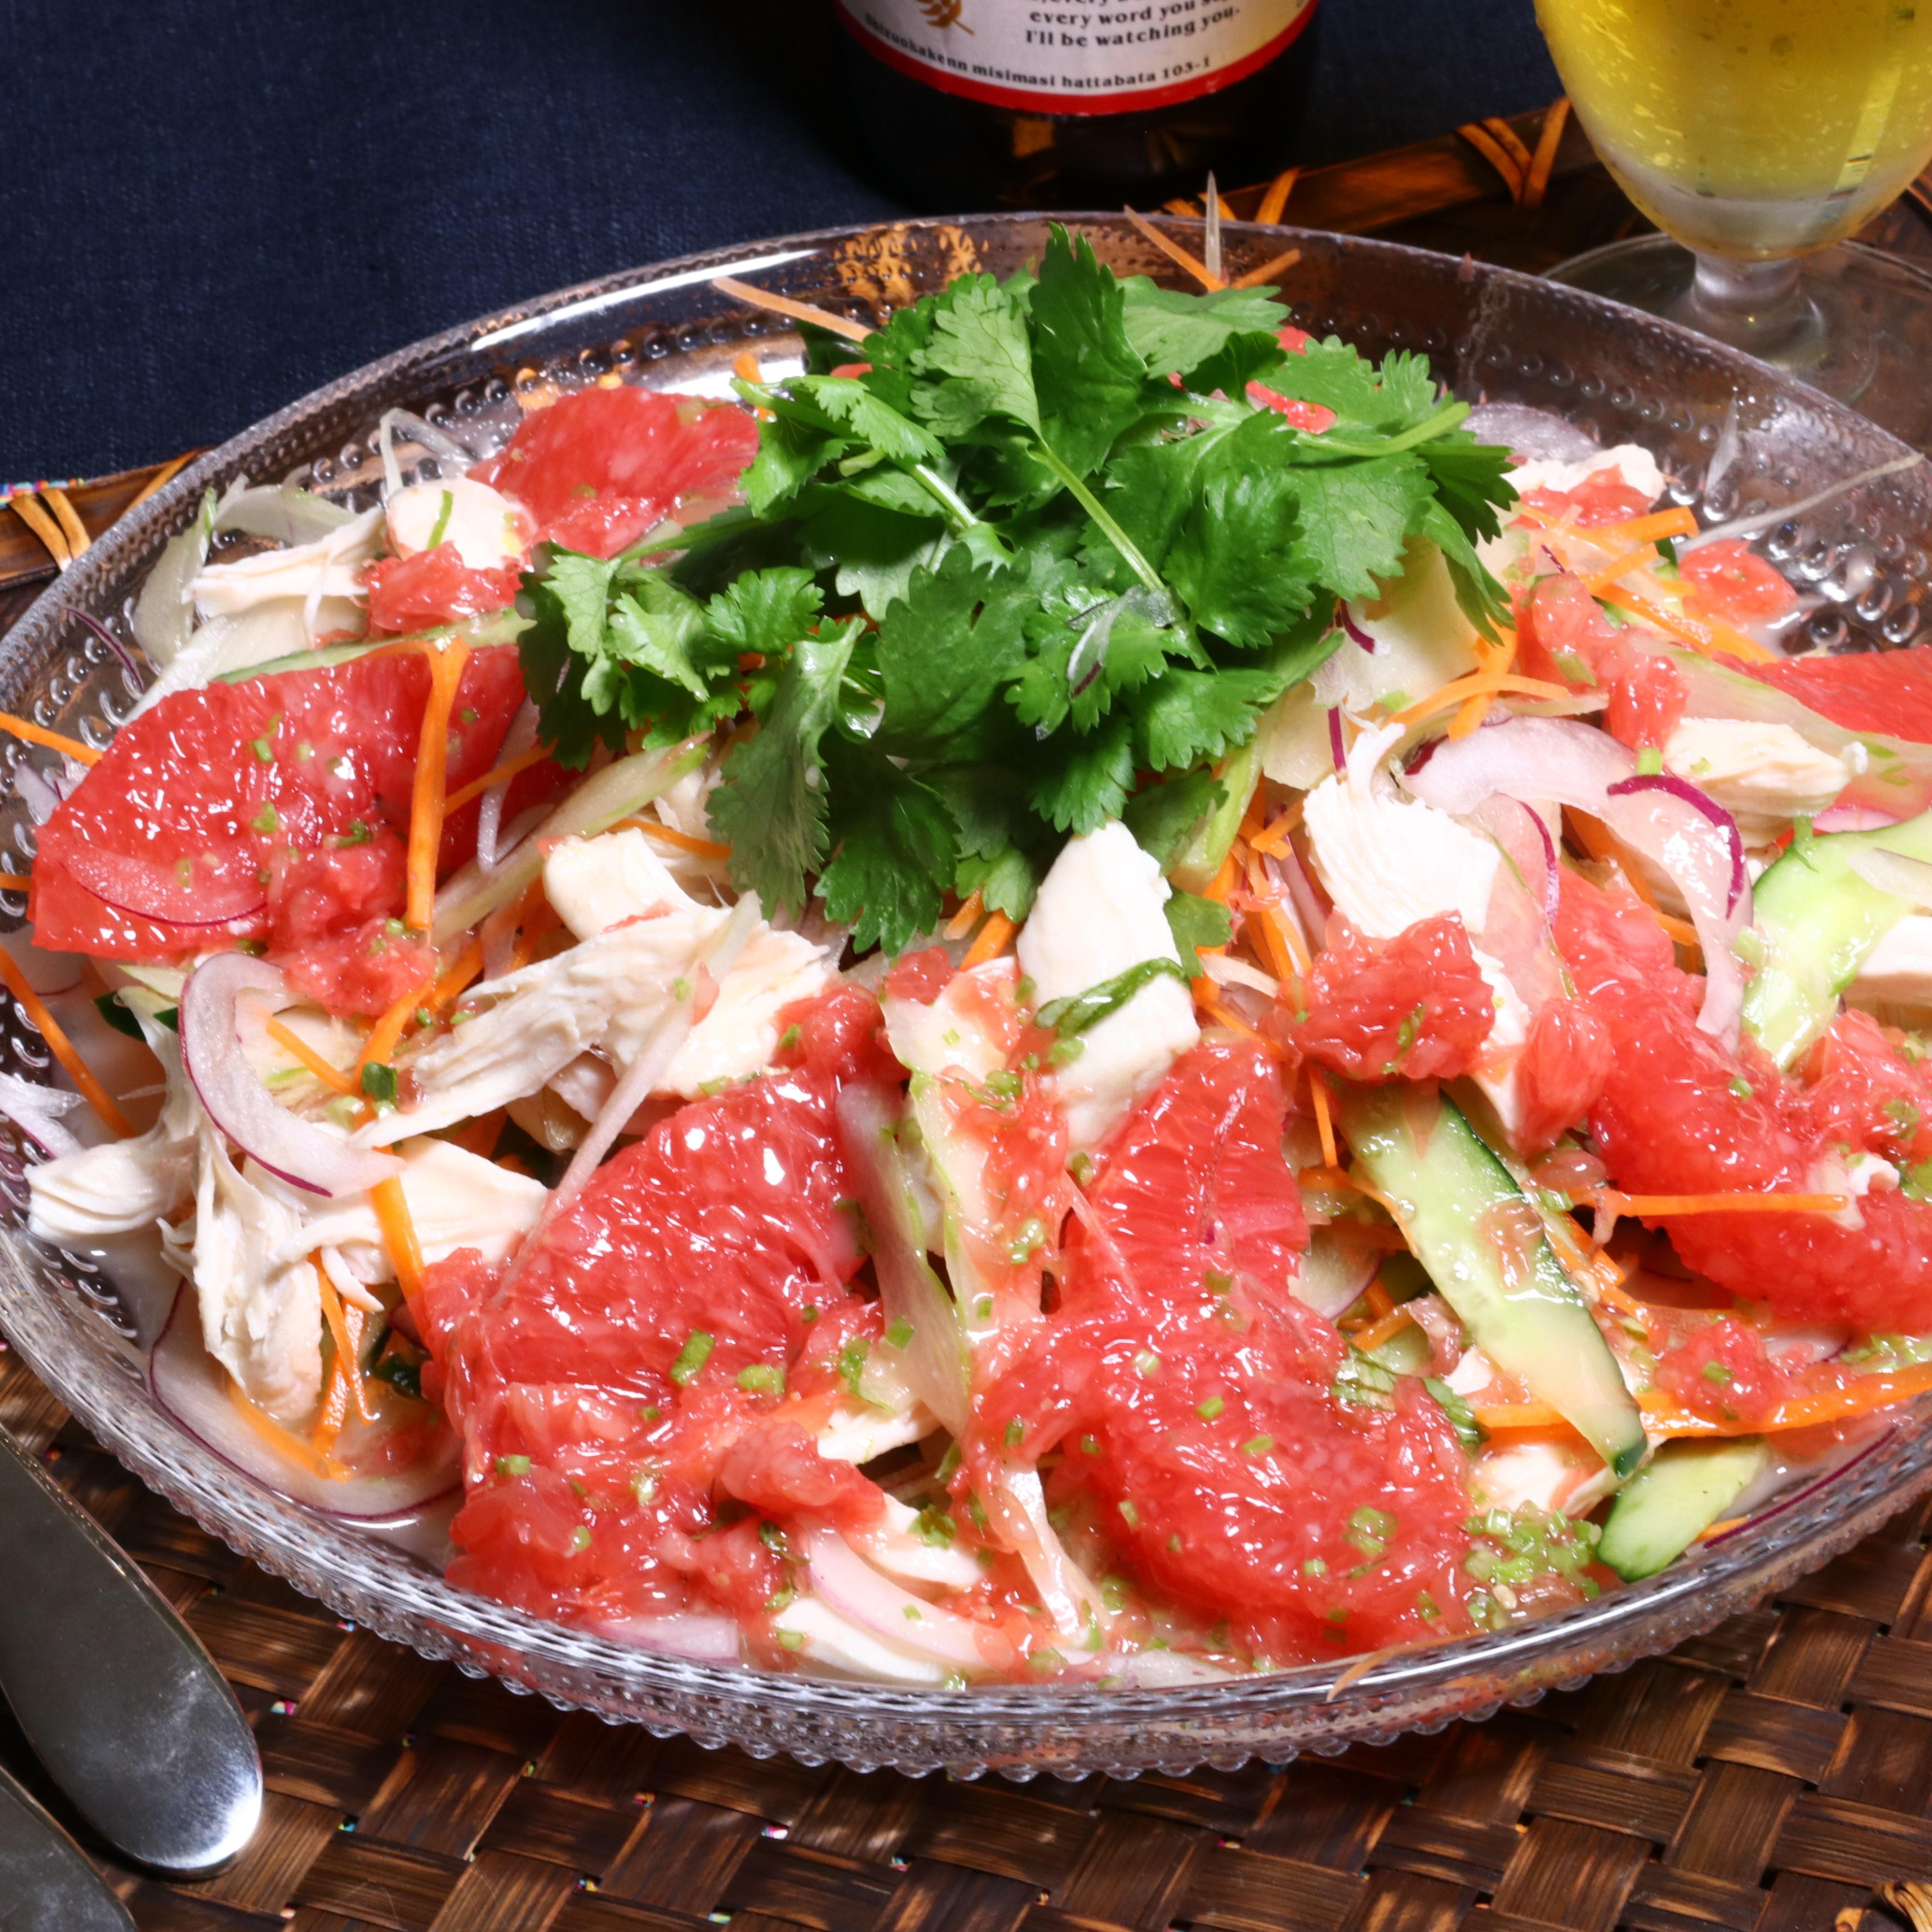 ささみと香味野菜のアジアンサラダ(こく旨醤油たれ)